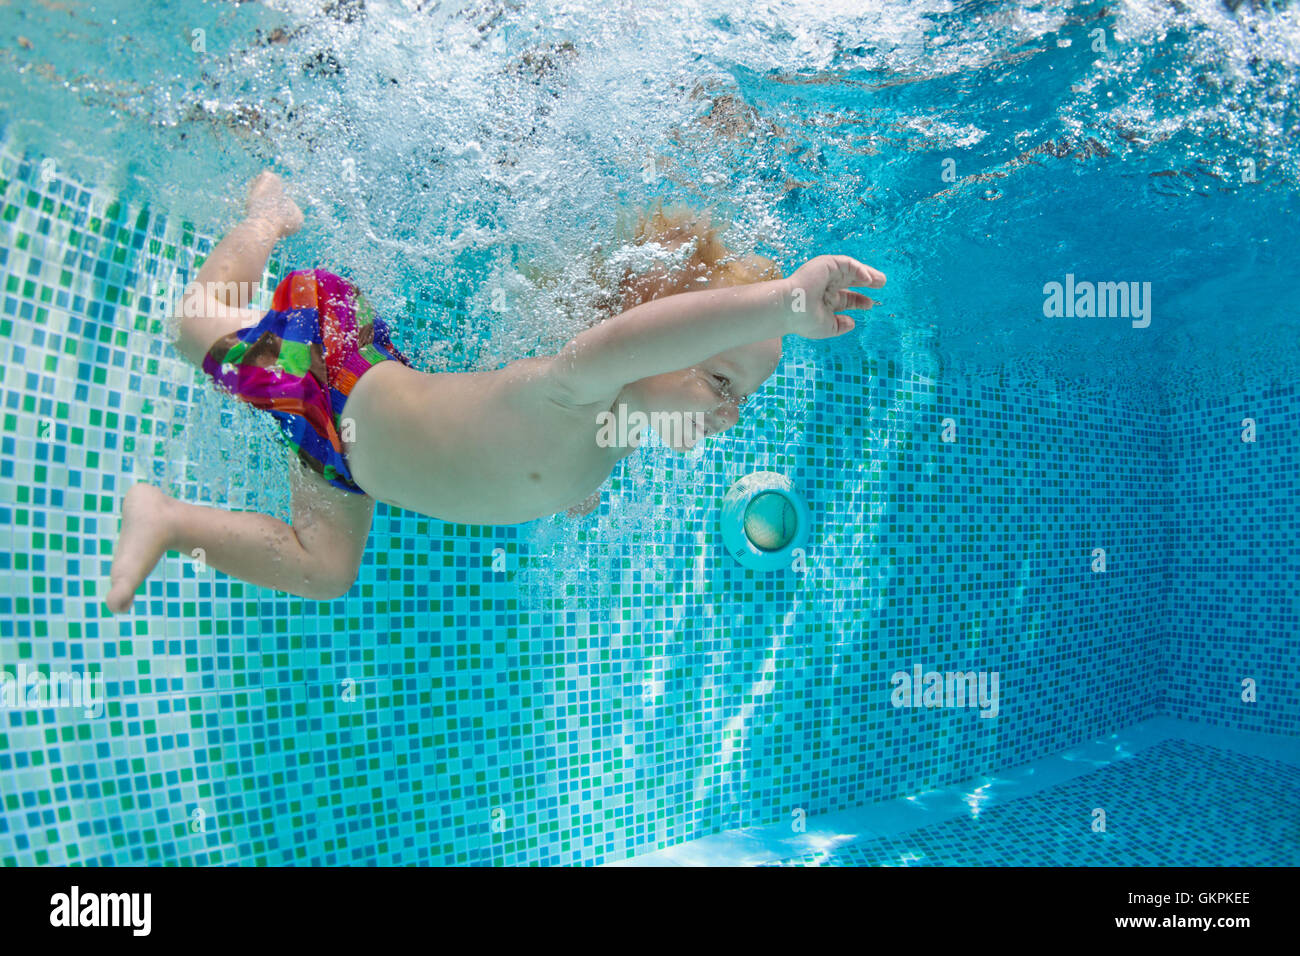 Funny photo de bébé actif natation, plongée en piscine avec plaisir, aller au plus profond avec des Photo Stock